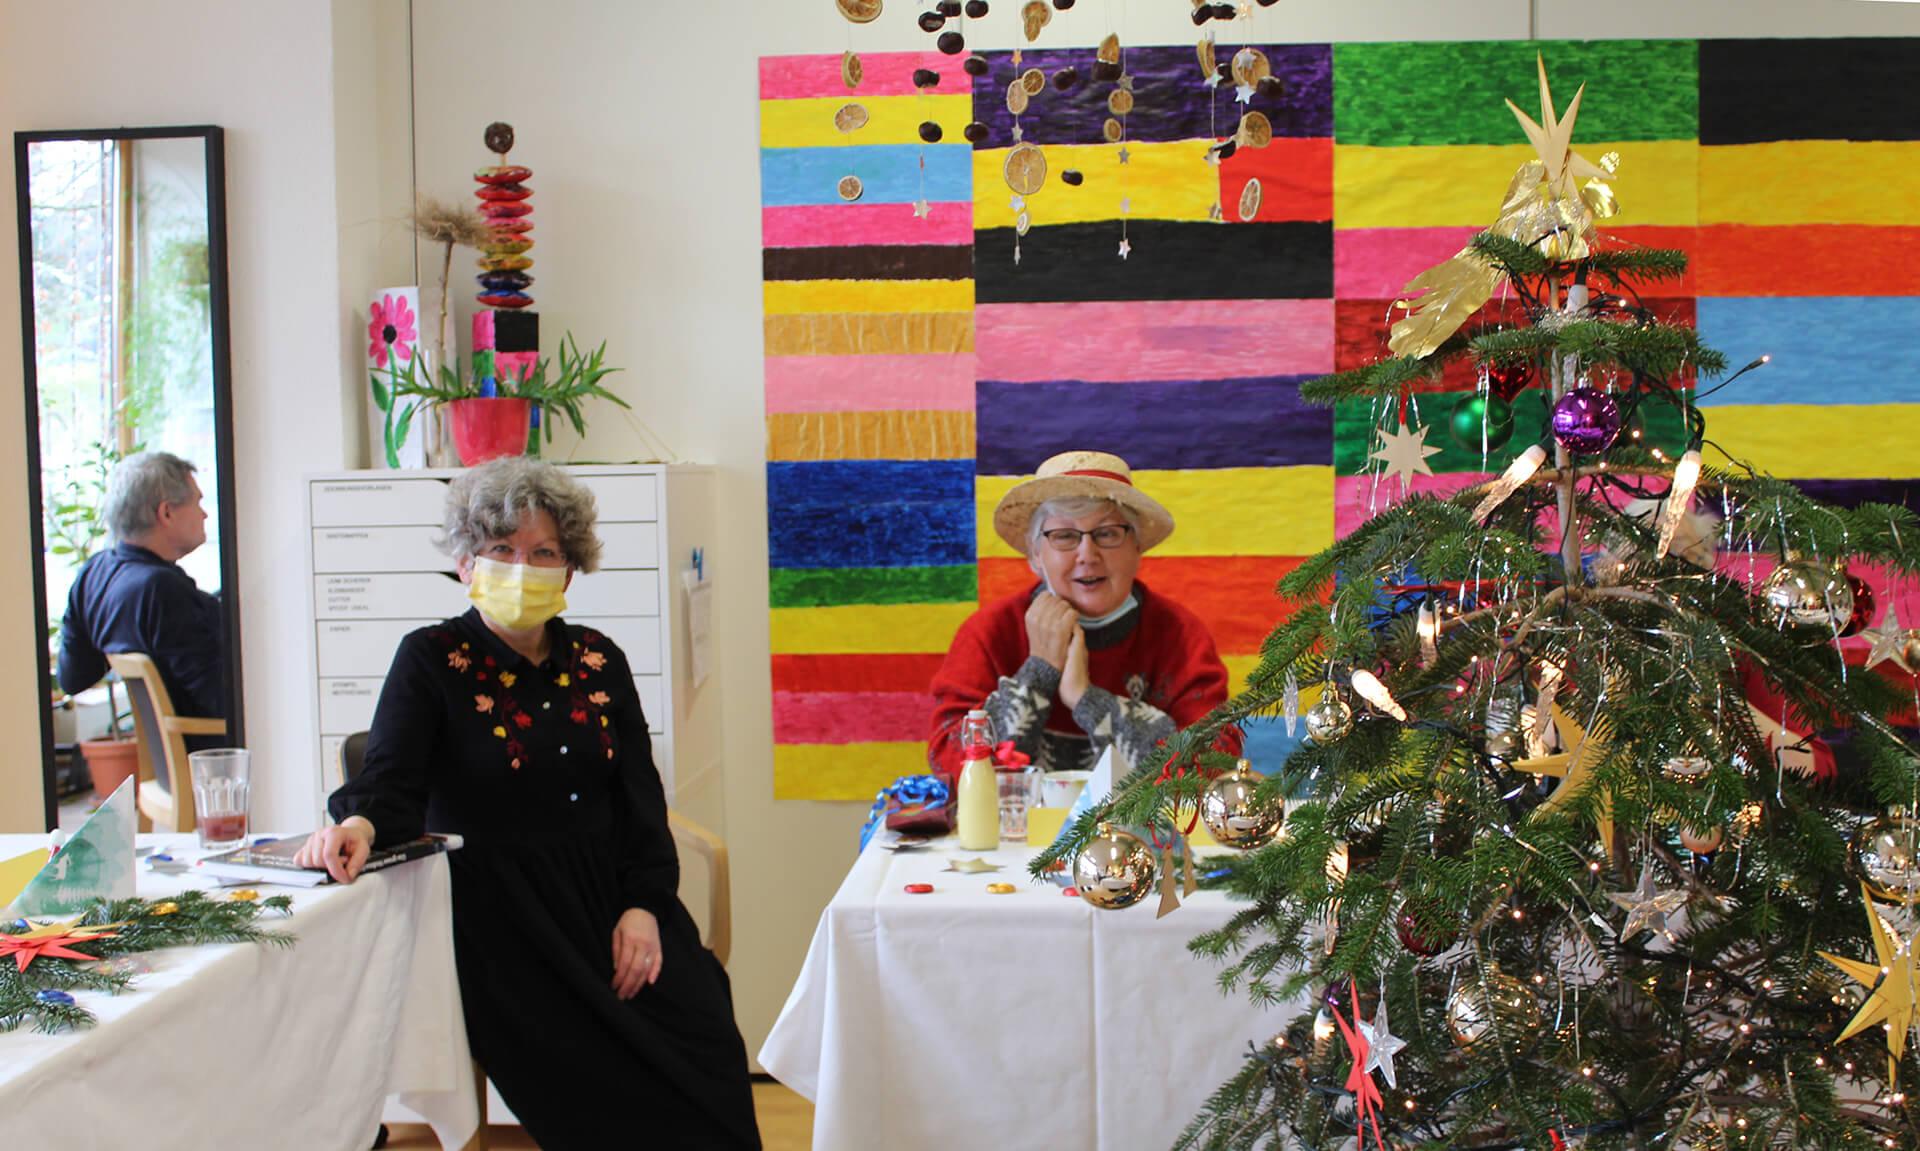 Vorfreude im Senioren-Atelier der Martin Stiftung: Gleich kommt der Samichlaus.